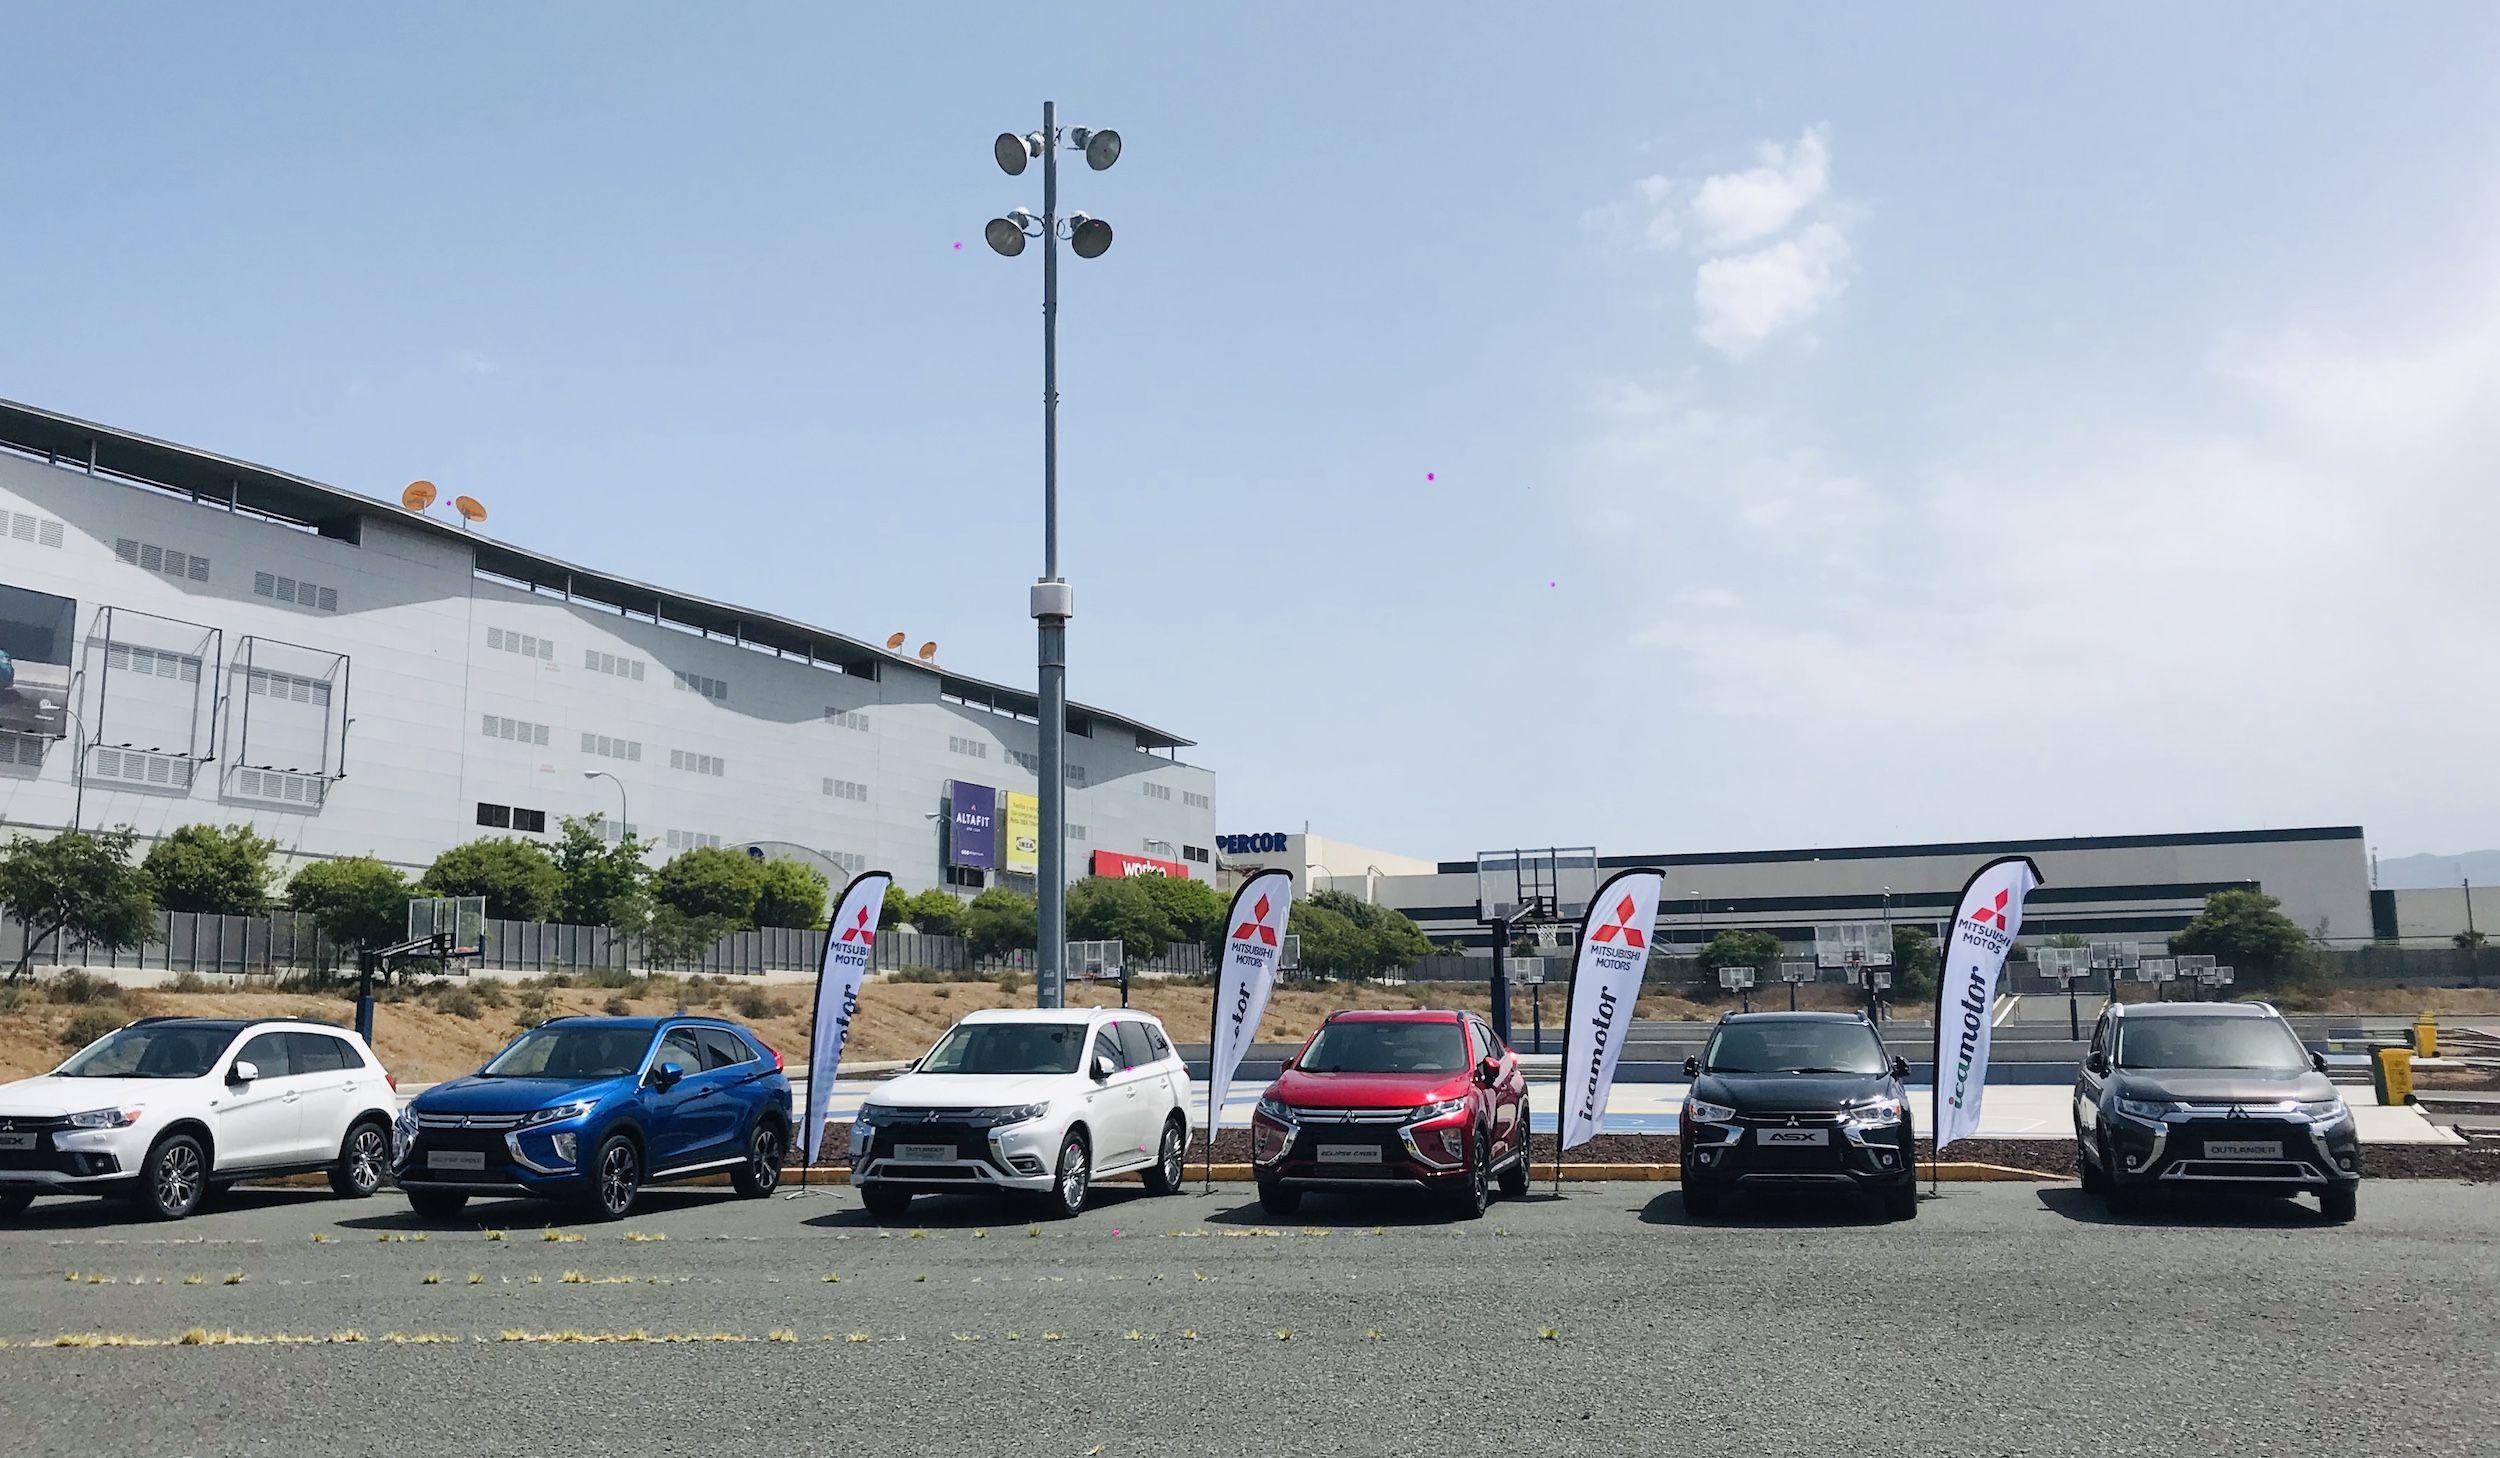 Mitsubishi en la Fan Zone de la Unión Deportiva Las Palmas en su estreno de la temporada 2019/20